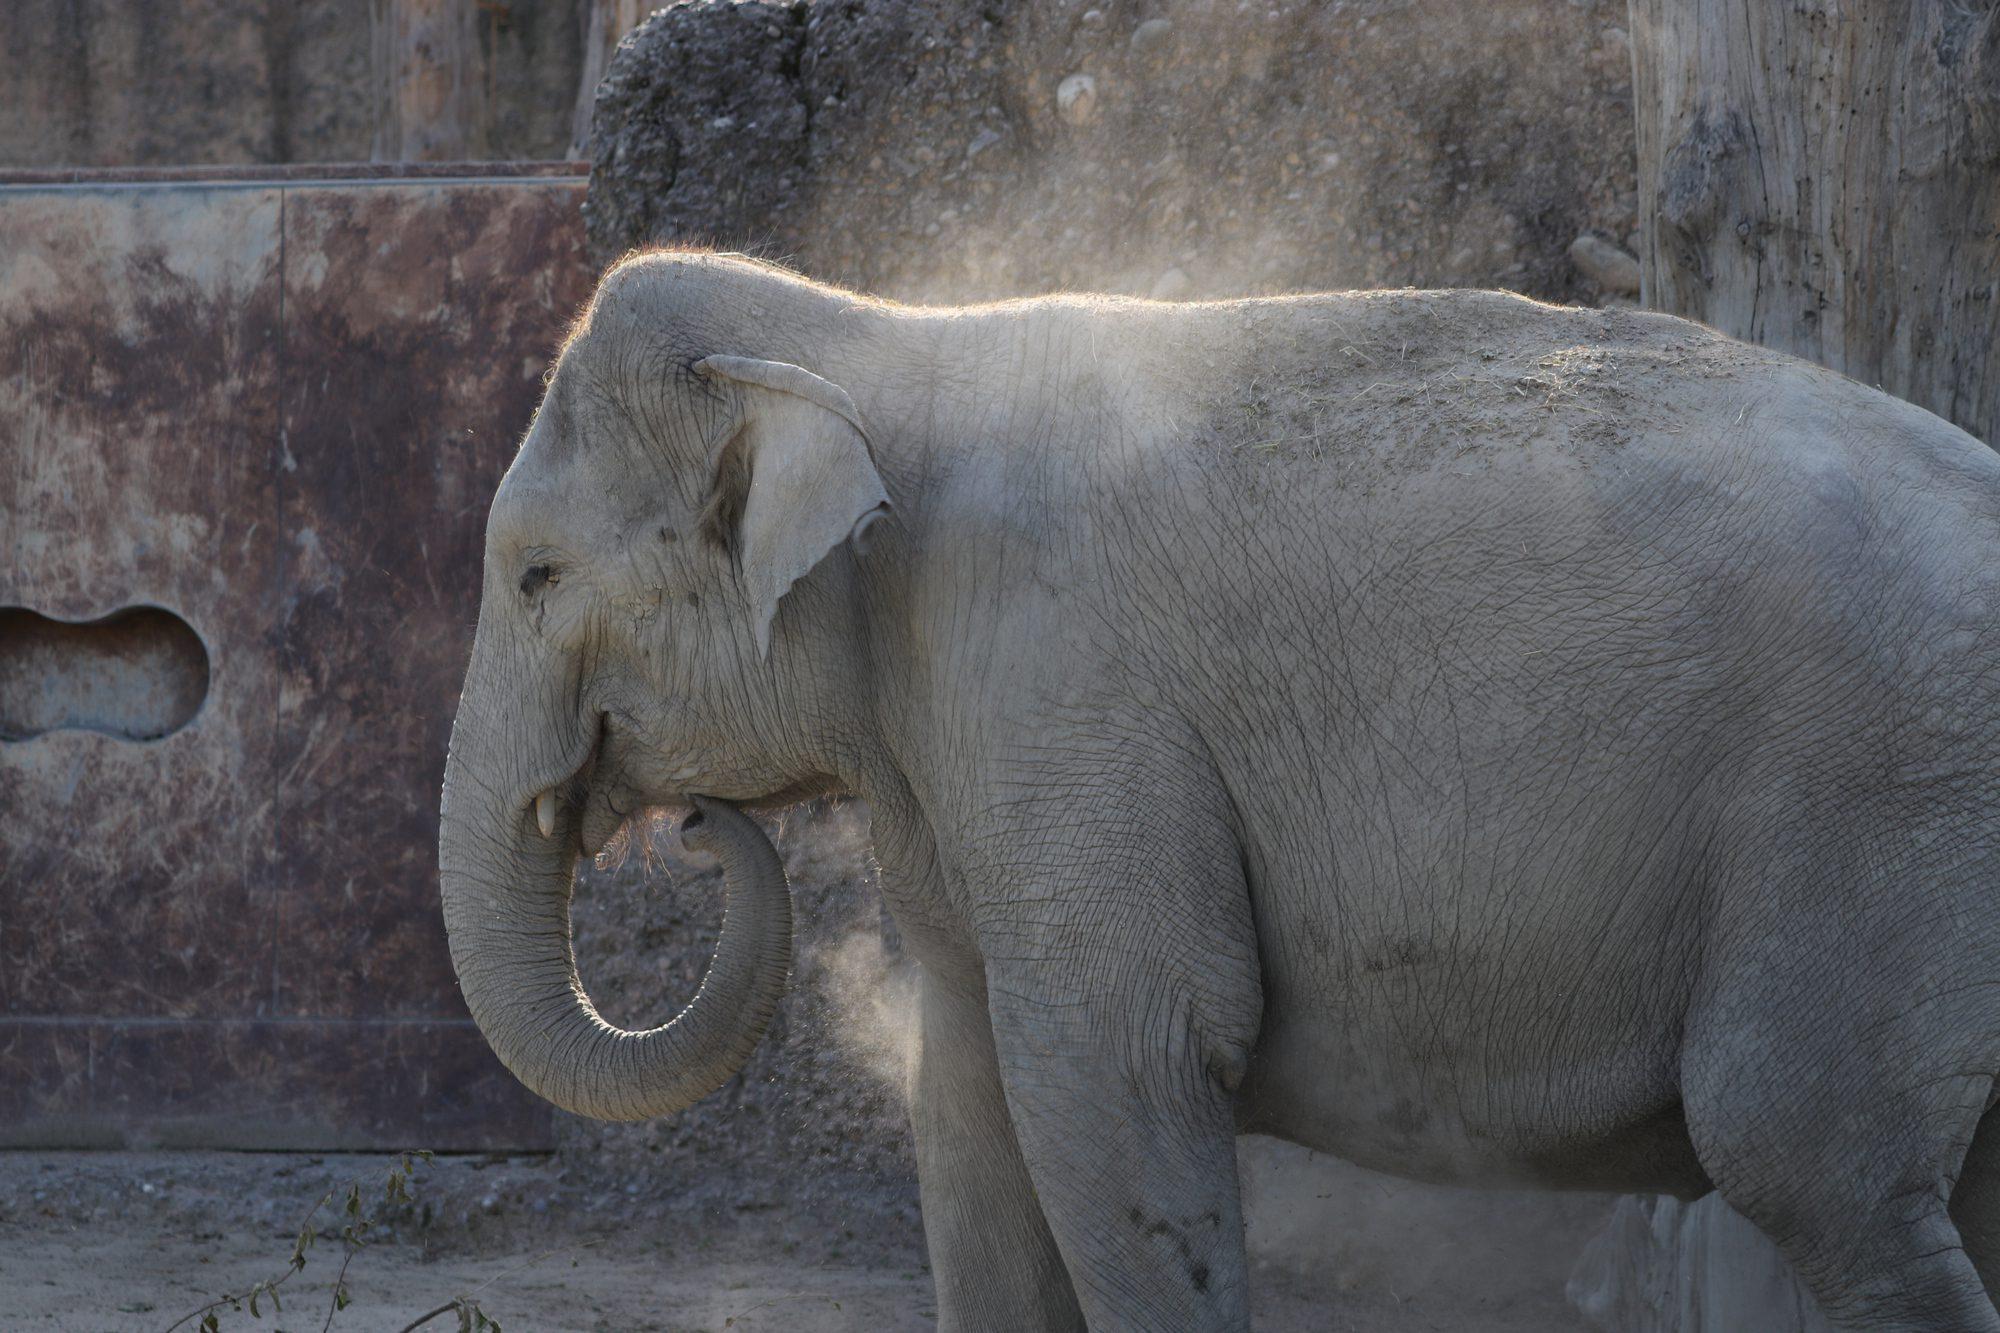 Asiatische Elefantenkuh im Zoo Zürich